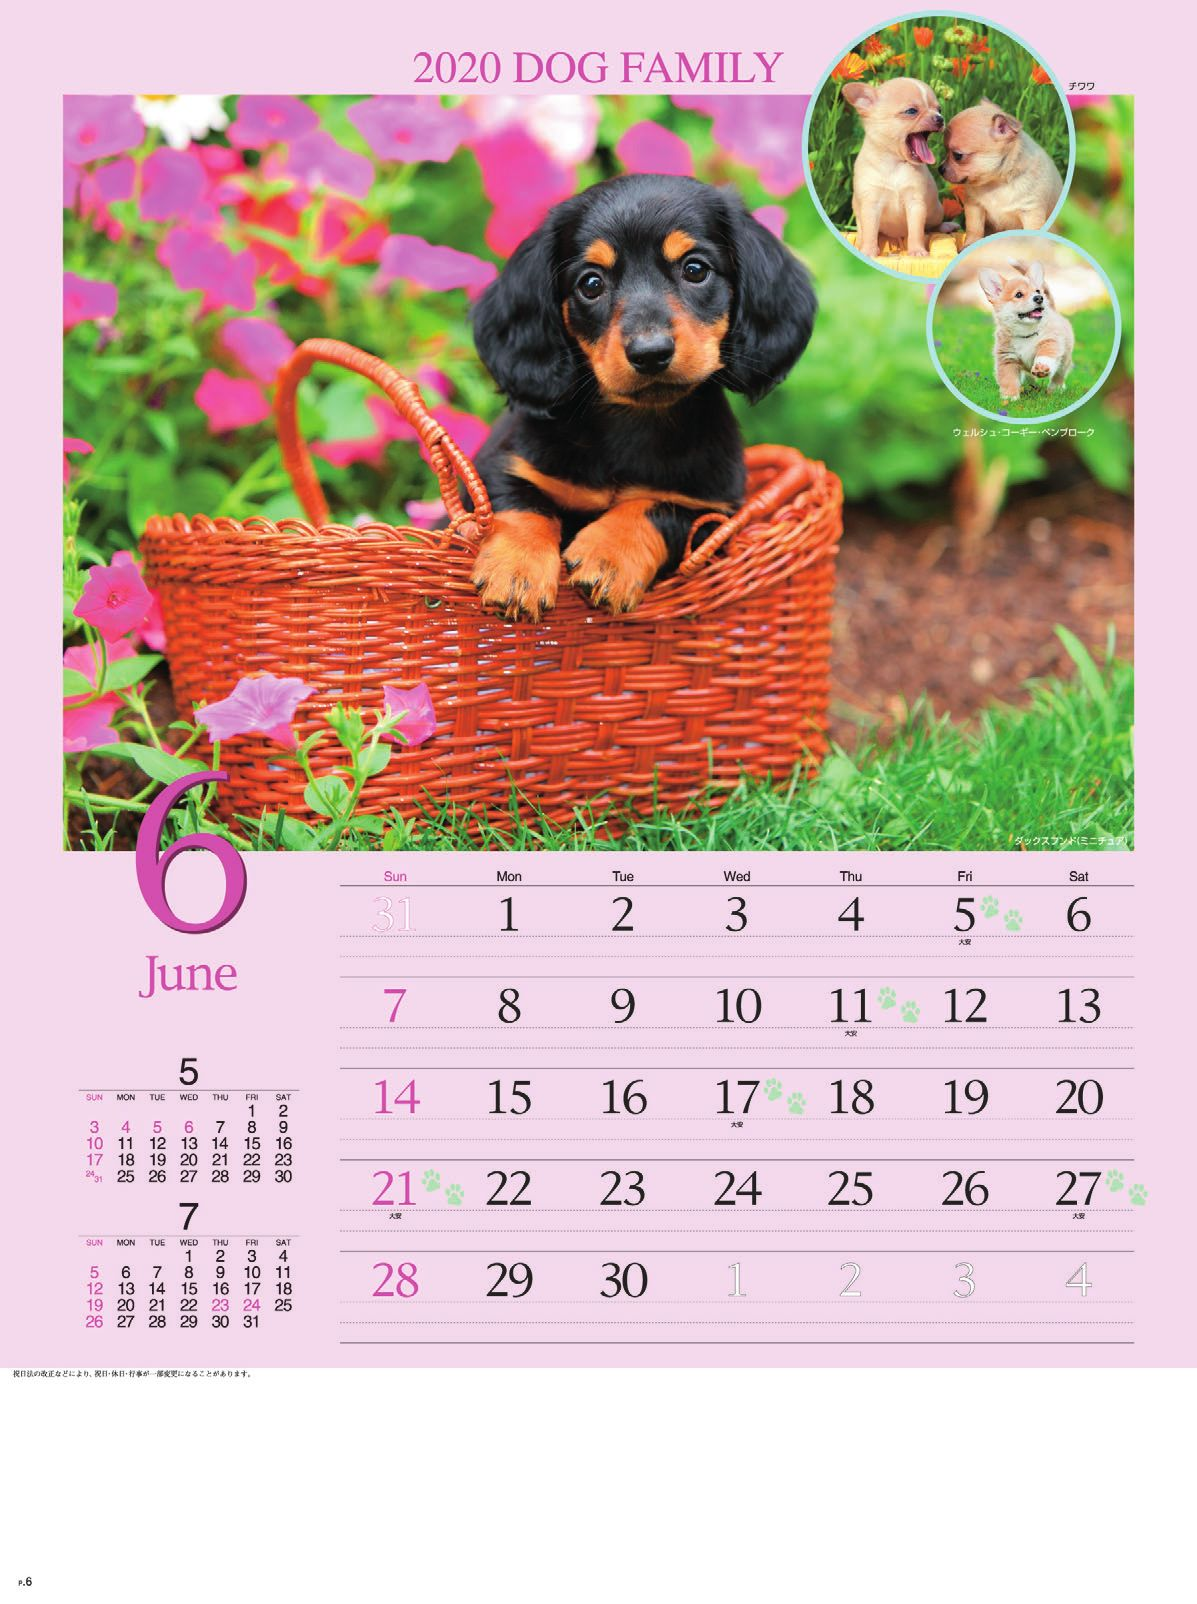 画像:ダックスフンド(ミニチュア) ドッグファミリー 2020年カレンダー